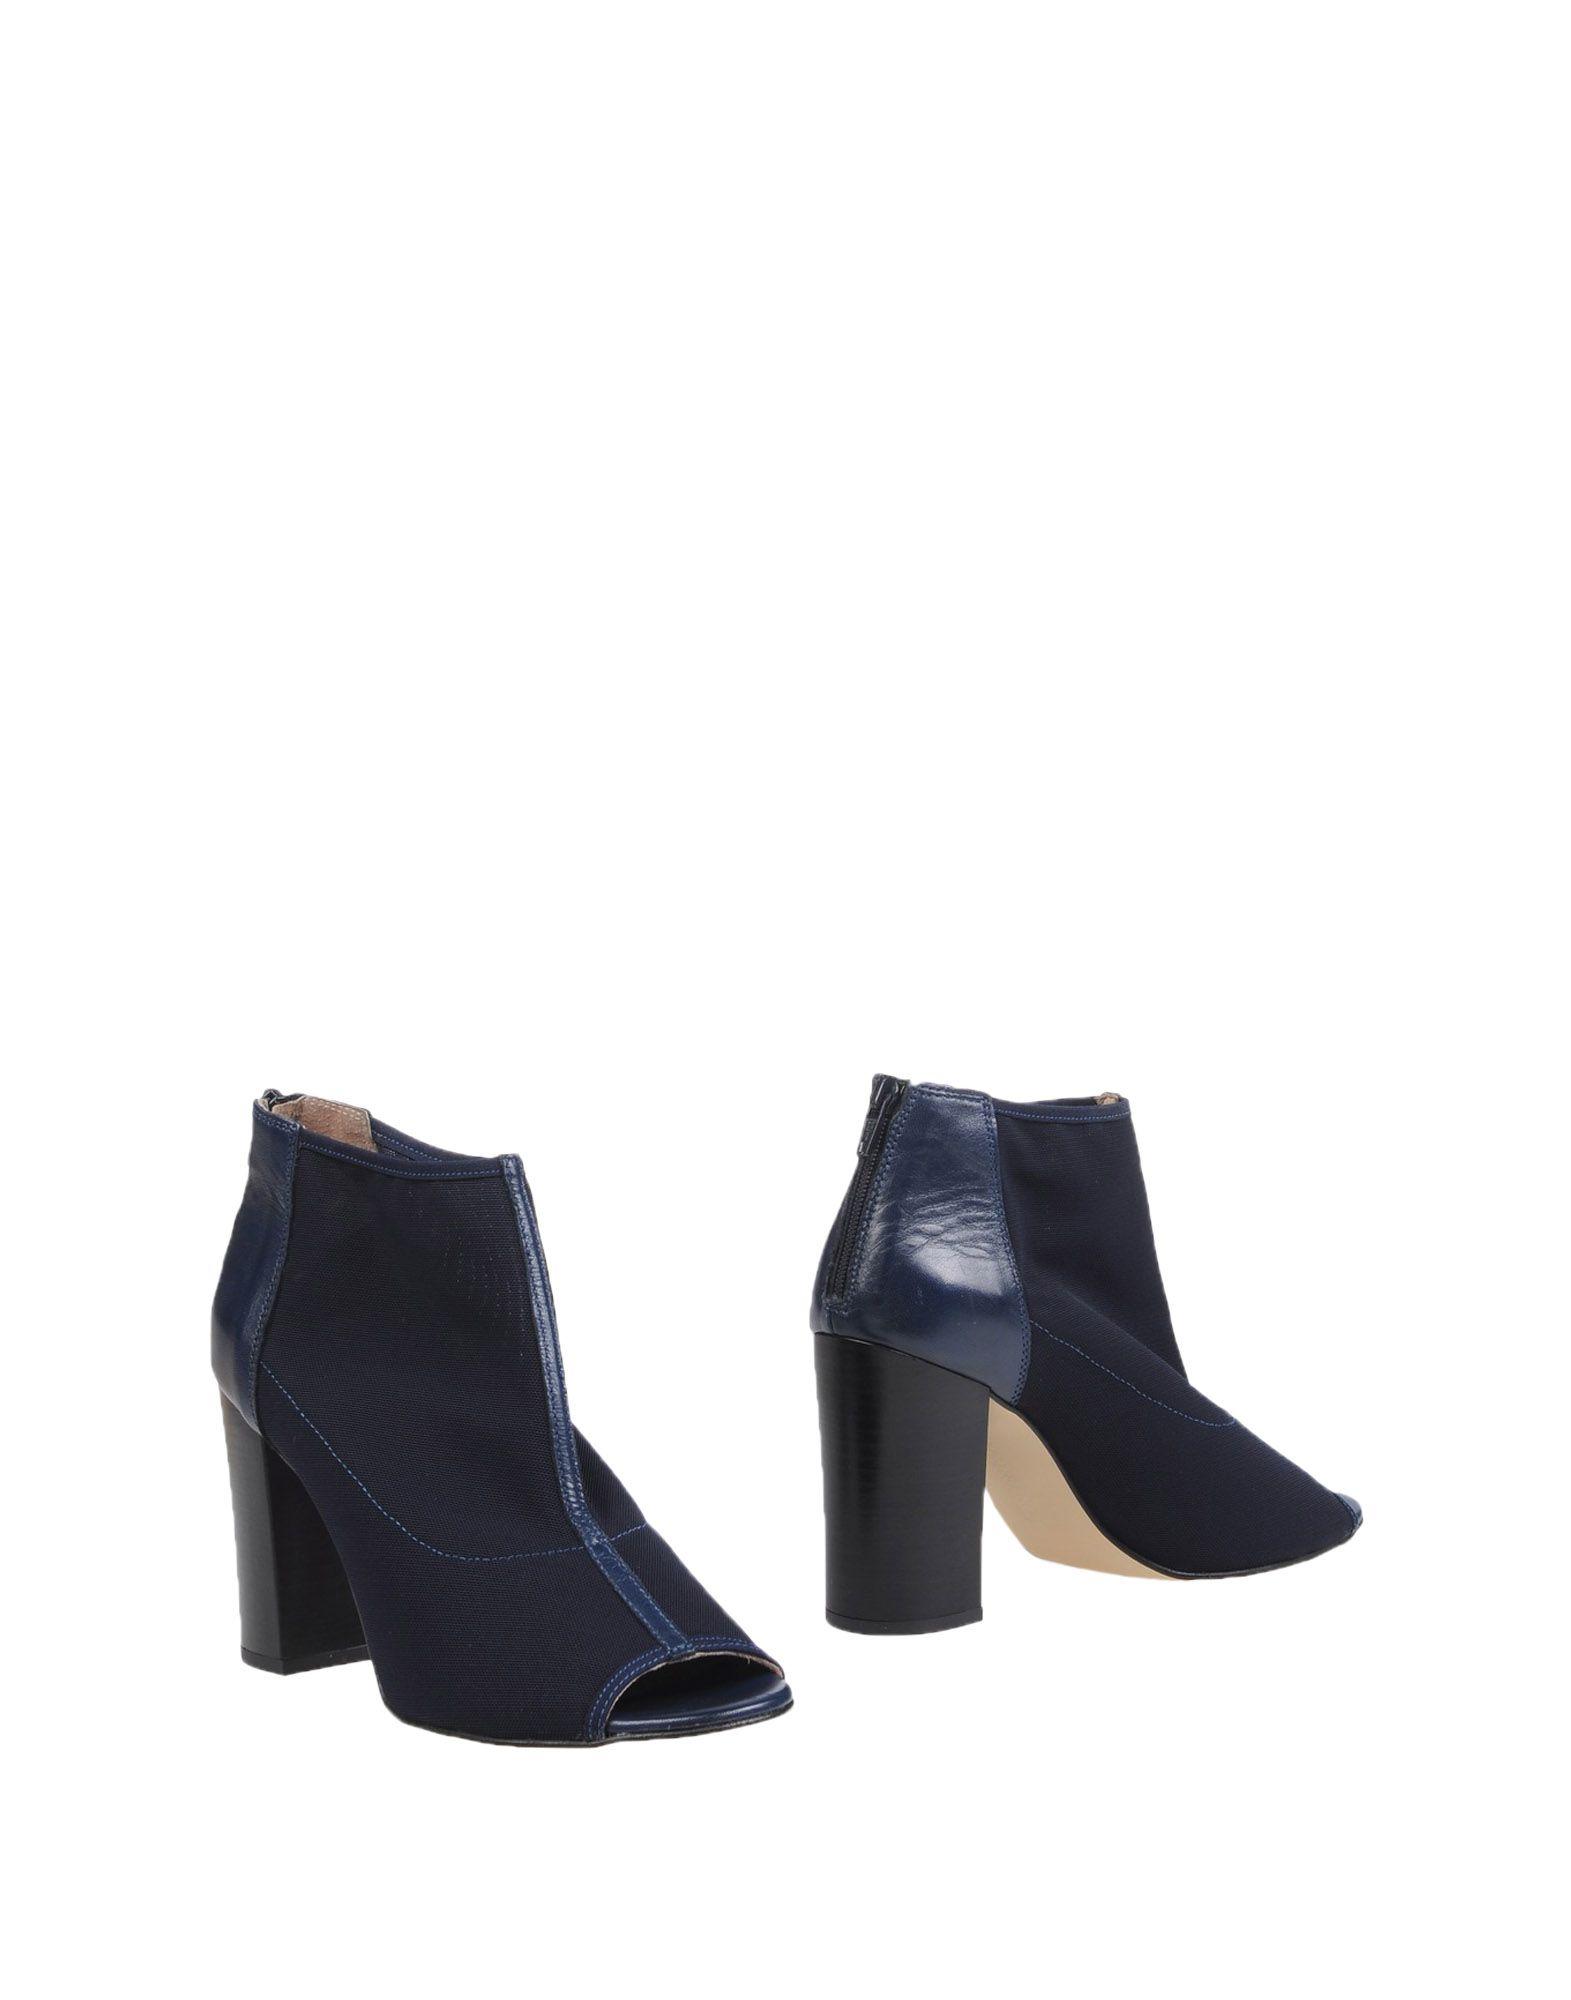 CARMENS Полусапоги и высокие ботинки плейбой бренд осенью открытый скалолазания и пешие прогулки досуга для дыхания и водонепроницаемым мужские ботинки